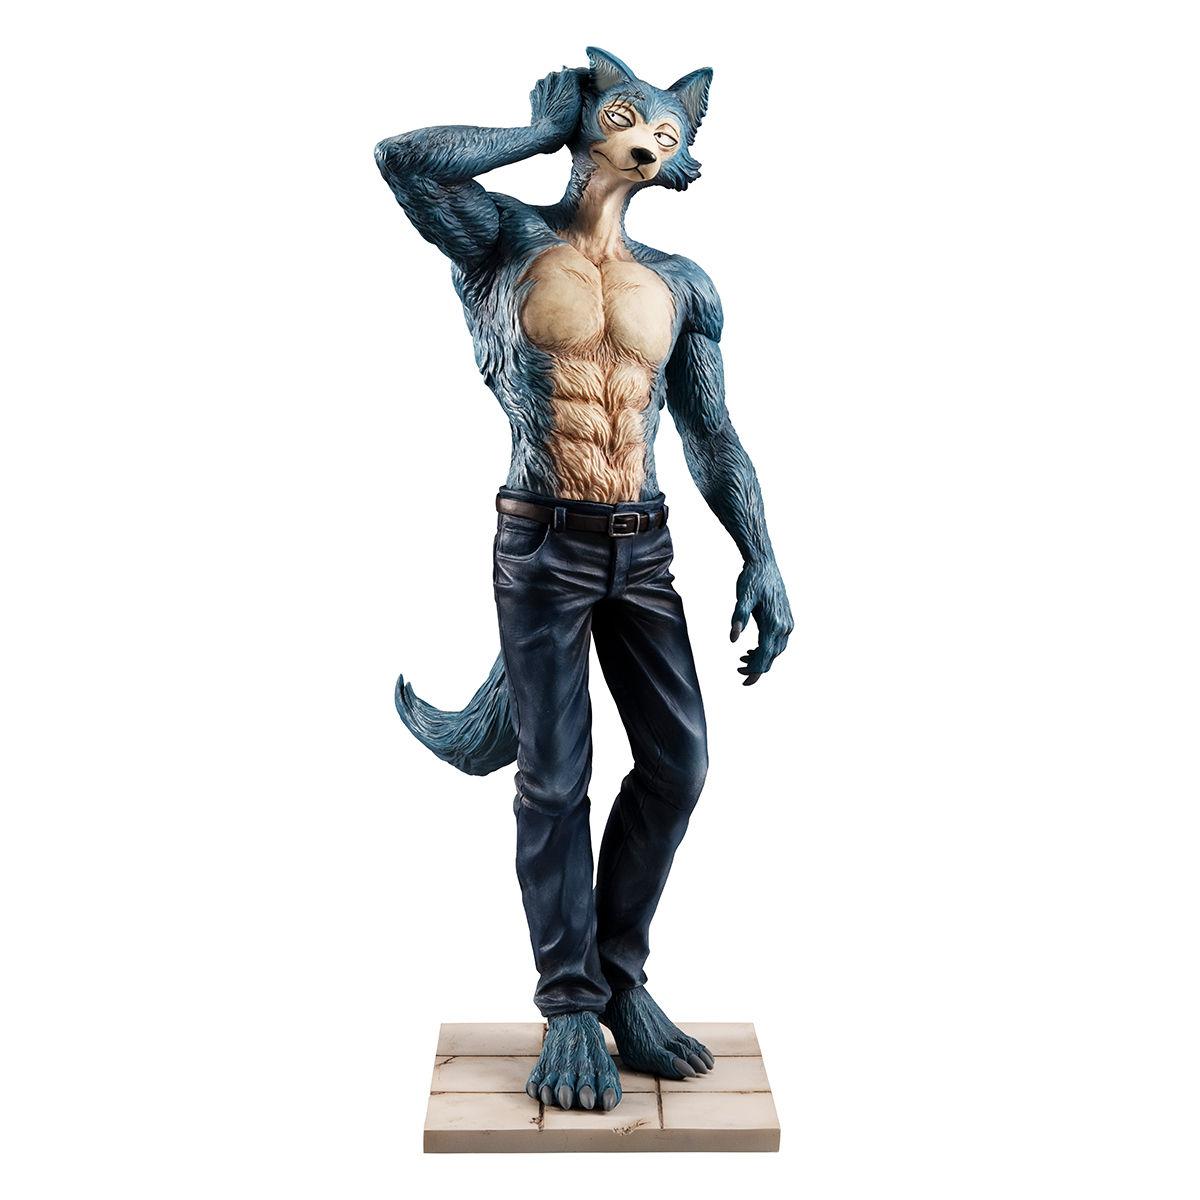 【限定販売】BEASTARS『ハイイロオオカミのレゴシ』1/8 完成品フィギュア-002